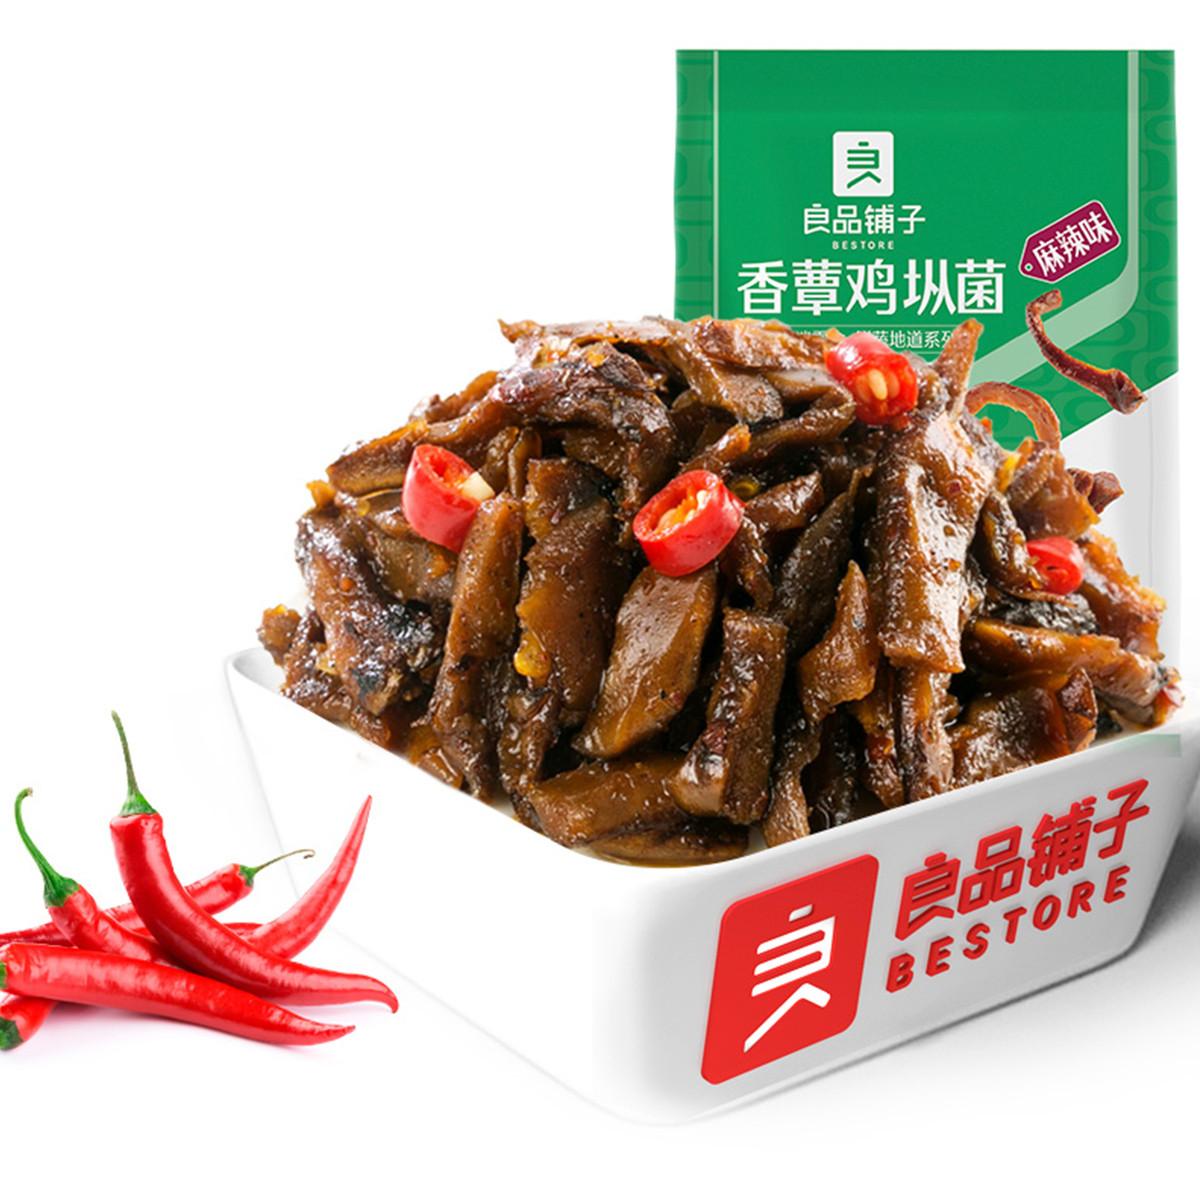 良品铺子香蕈鸡枞菌(麻辣味)(160g)云南特产干货办公室零食麻辣小吃COLOR其它颜色